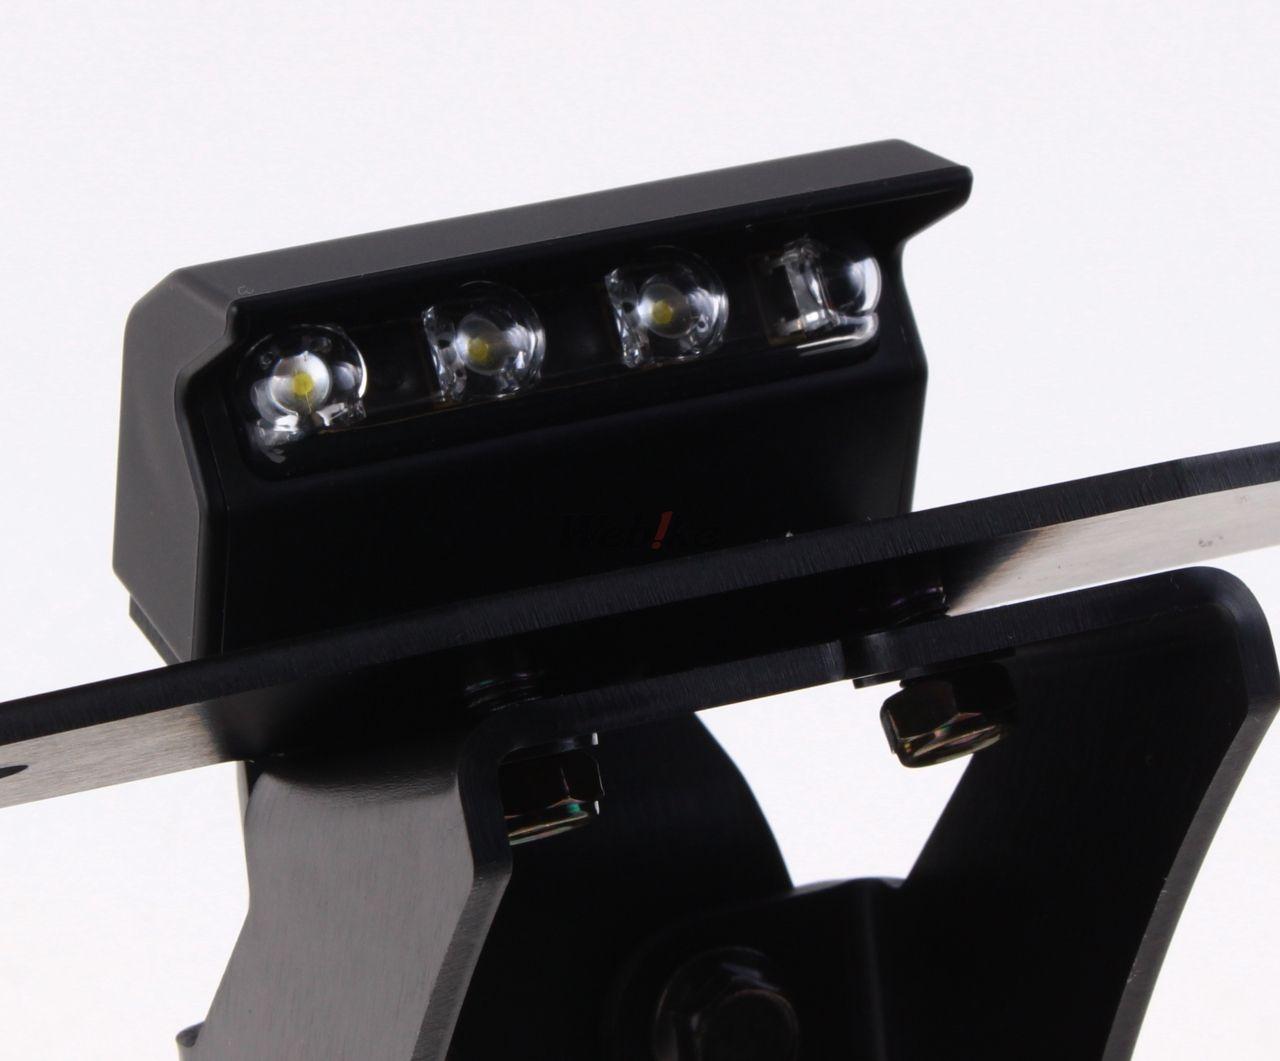 【ACTIVE】無土除套件 附 LED 牌照燈 - 「Webike-摩托百貨」